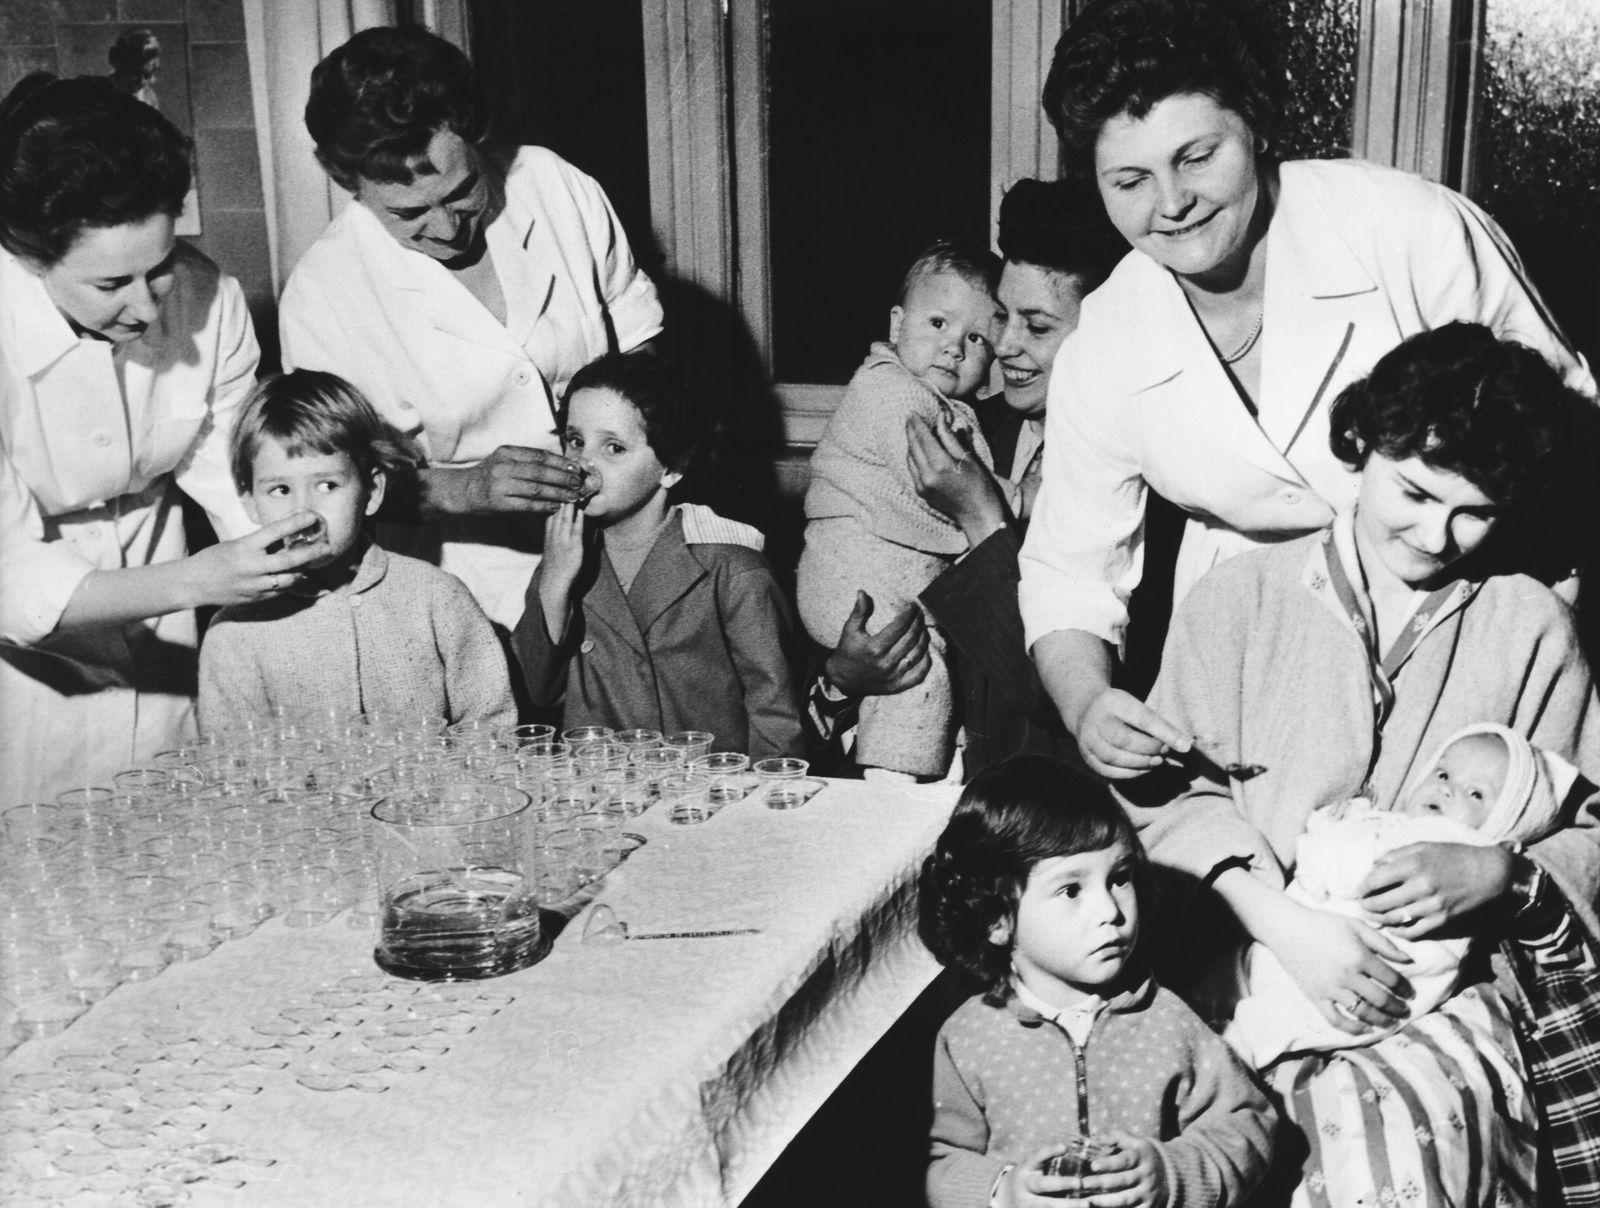 Schluckimpfung gegen Polio (Kinderlähmung)